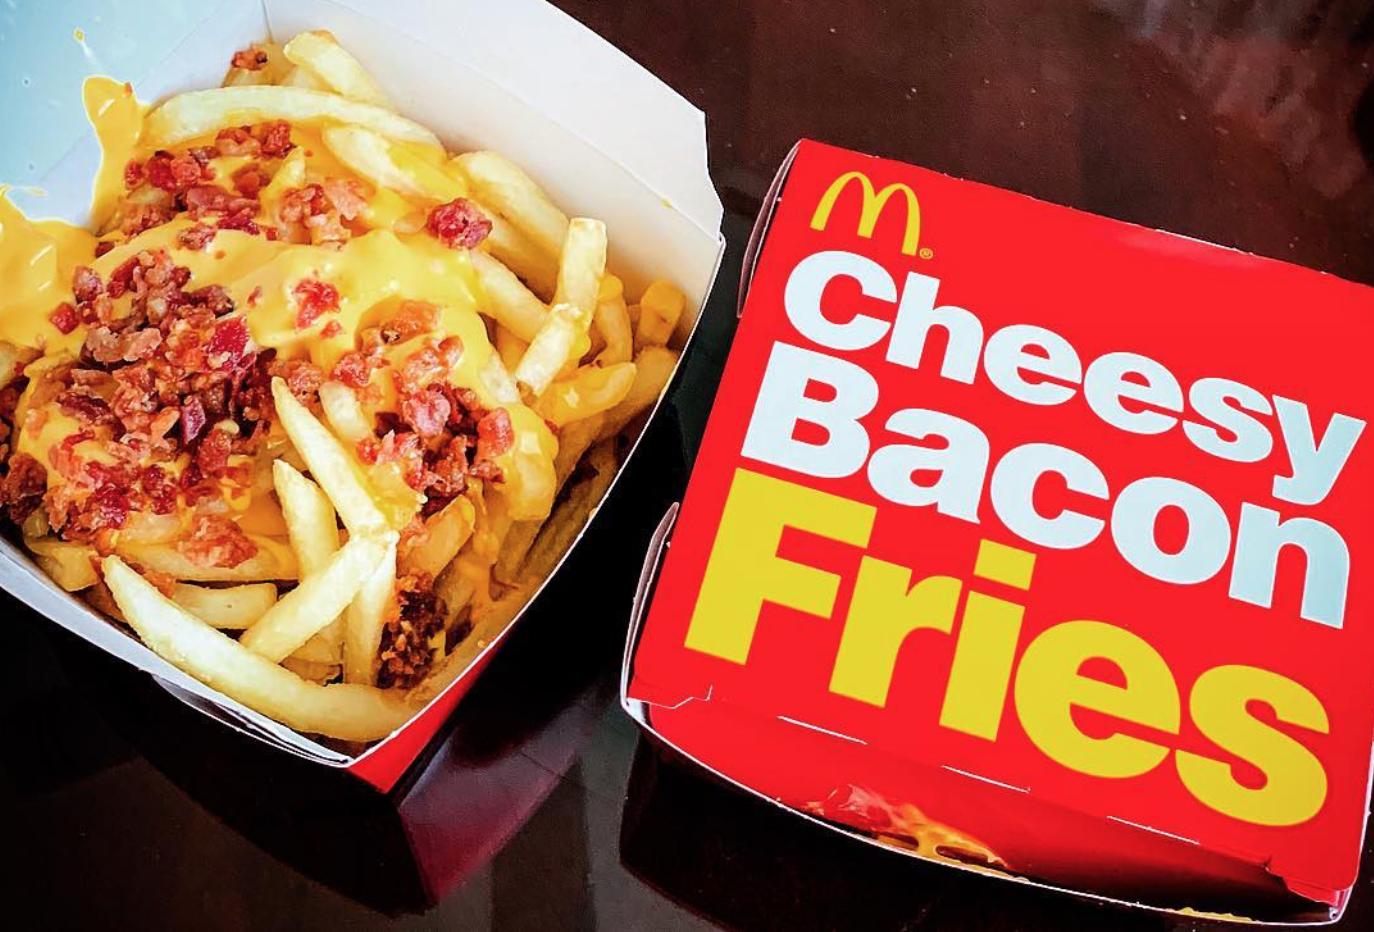 McDonald's Cheesy Bacon Fries